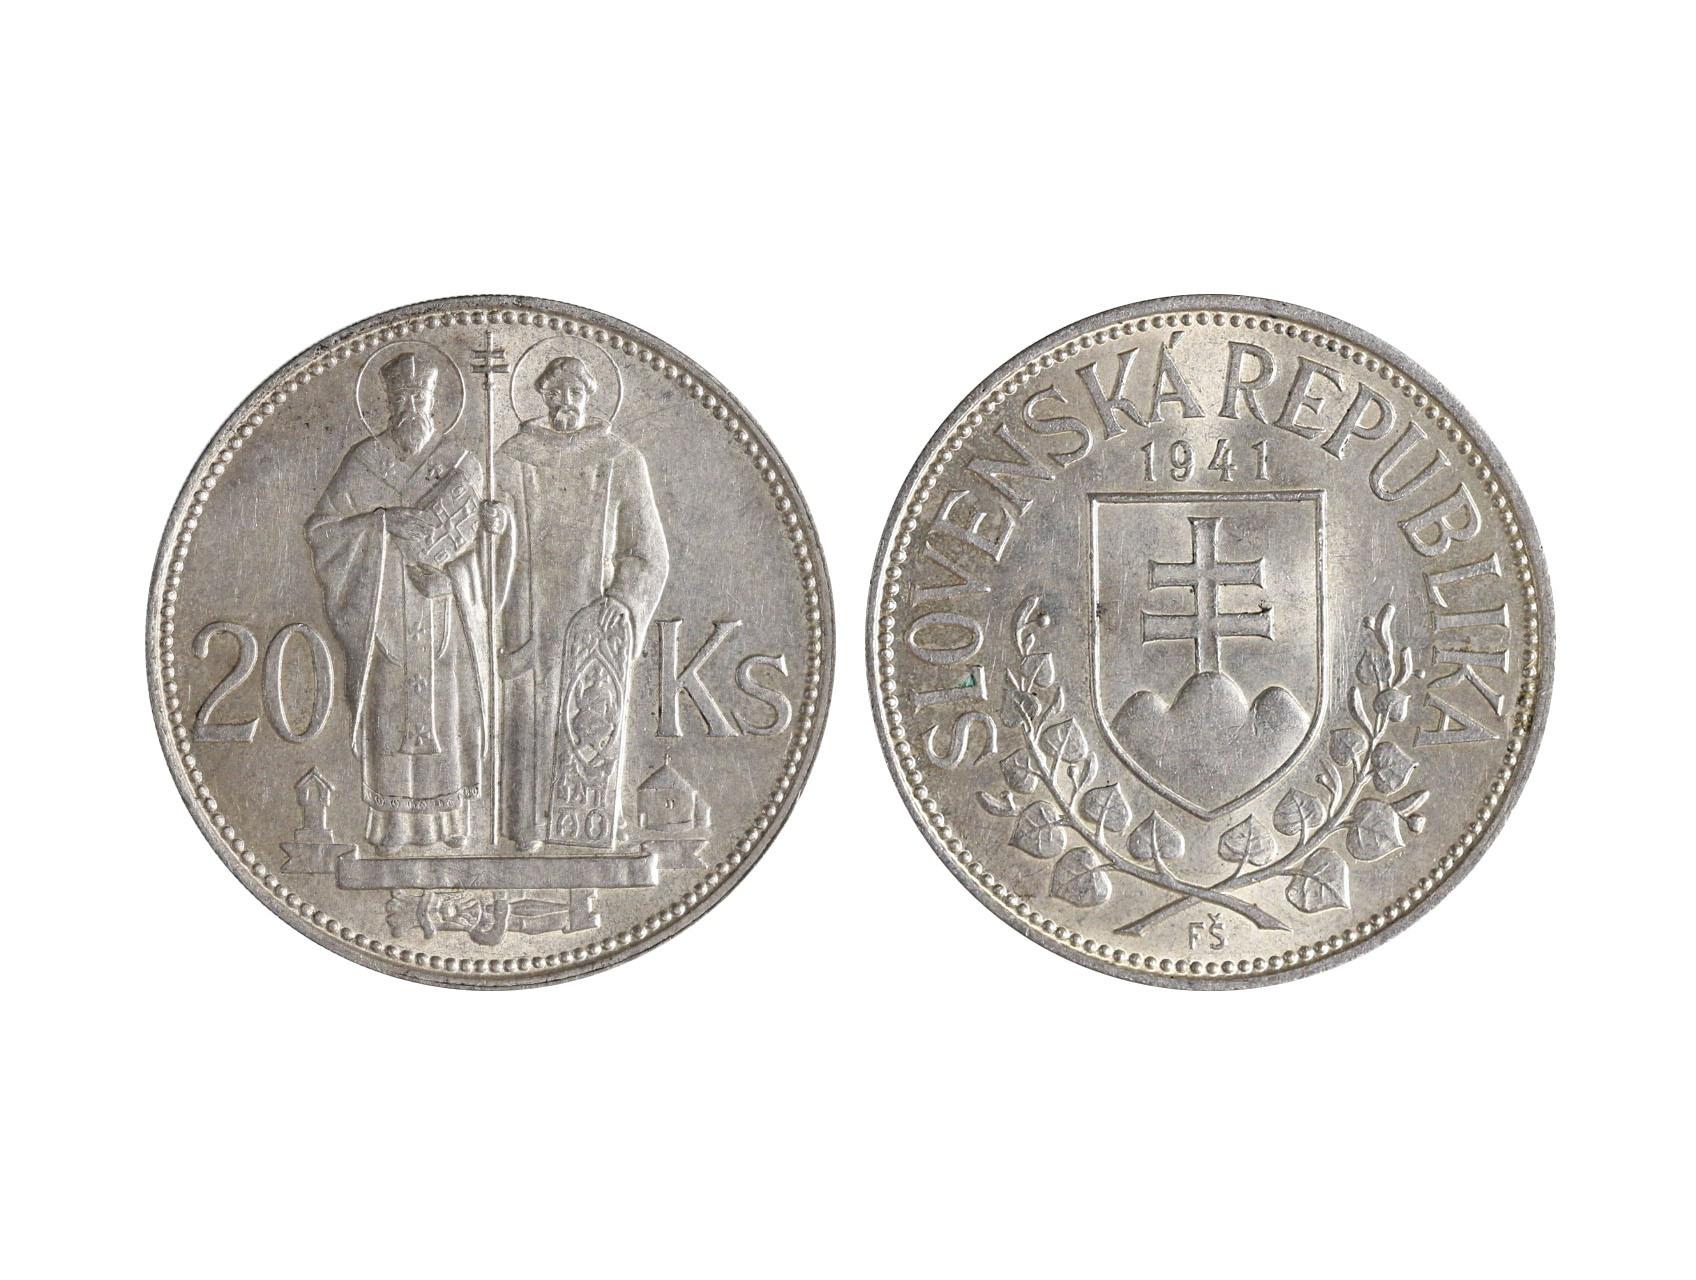 Slovenská Republika 1939-1945 - 20 Koruna 1941 zkušební ražba na magnetickém střižku Ag - Cu - Zn - Ni, 14,97 g